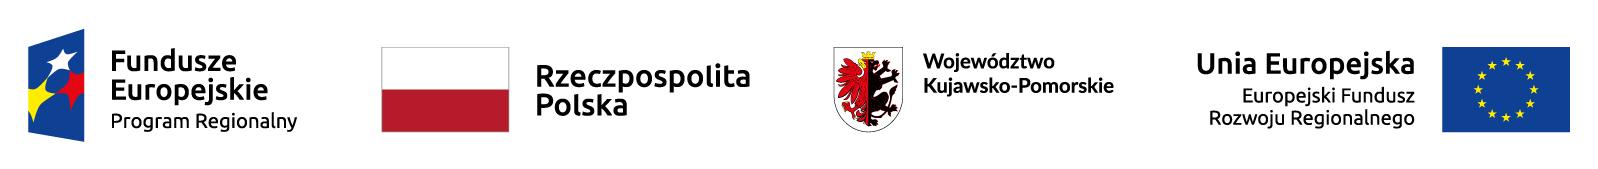 logotypy: Fundusze Europejskie Program Regionalny, Rzeczpospolita Polska, Województwo Kujawsko-Pomorskie, Unia Europejskia Europejski Fundusz Rozwoju Regionalnego